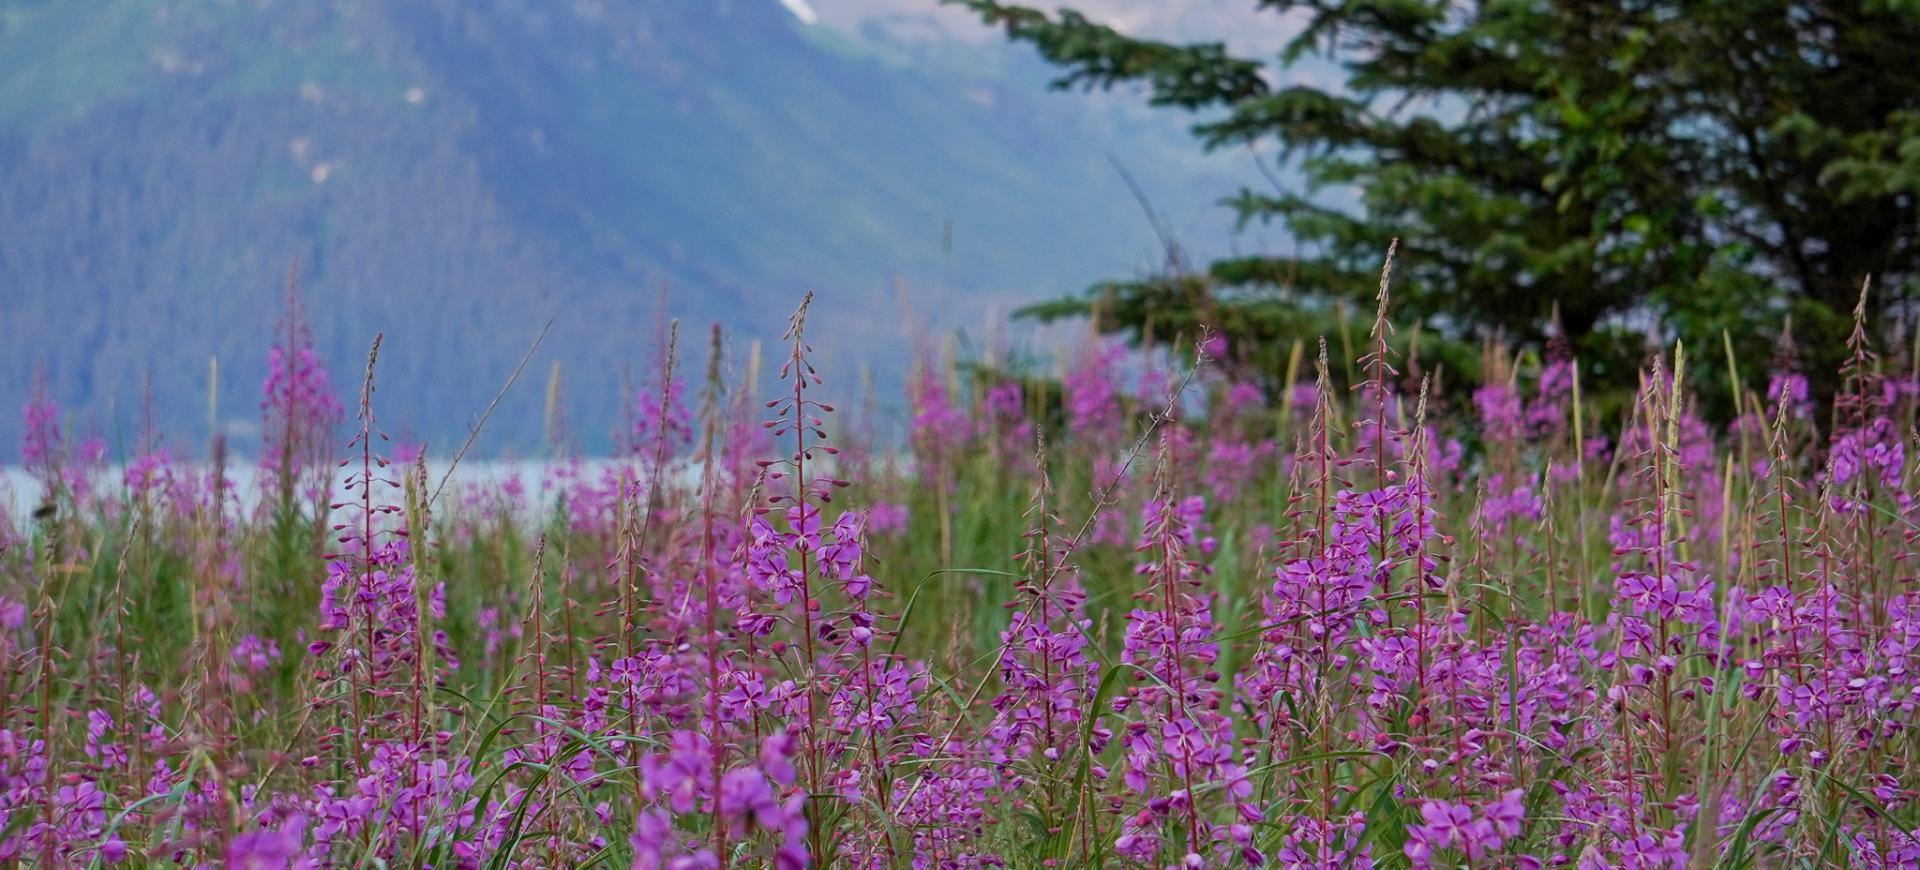 seward-alaska-wycieczka